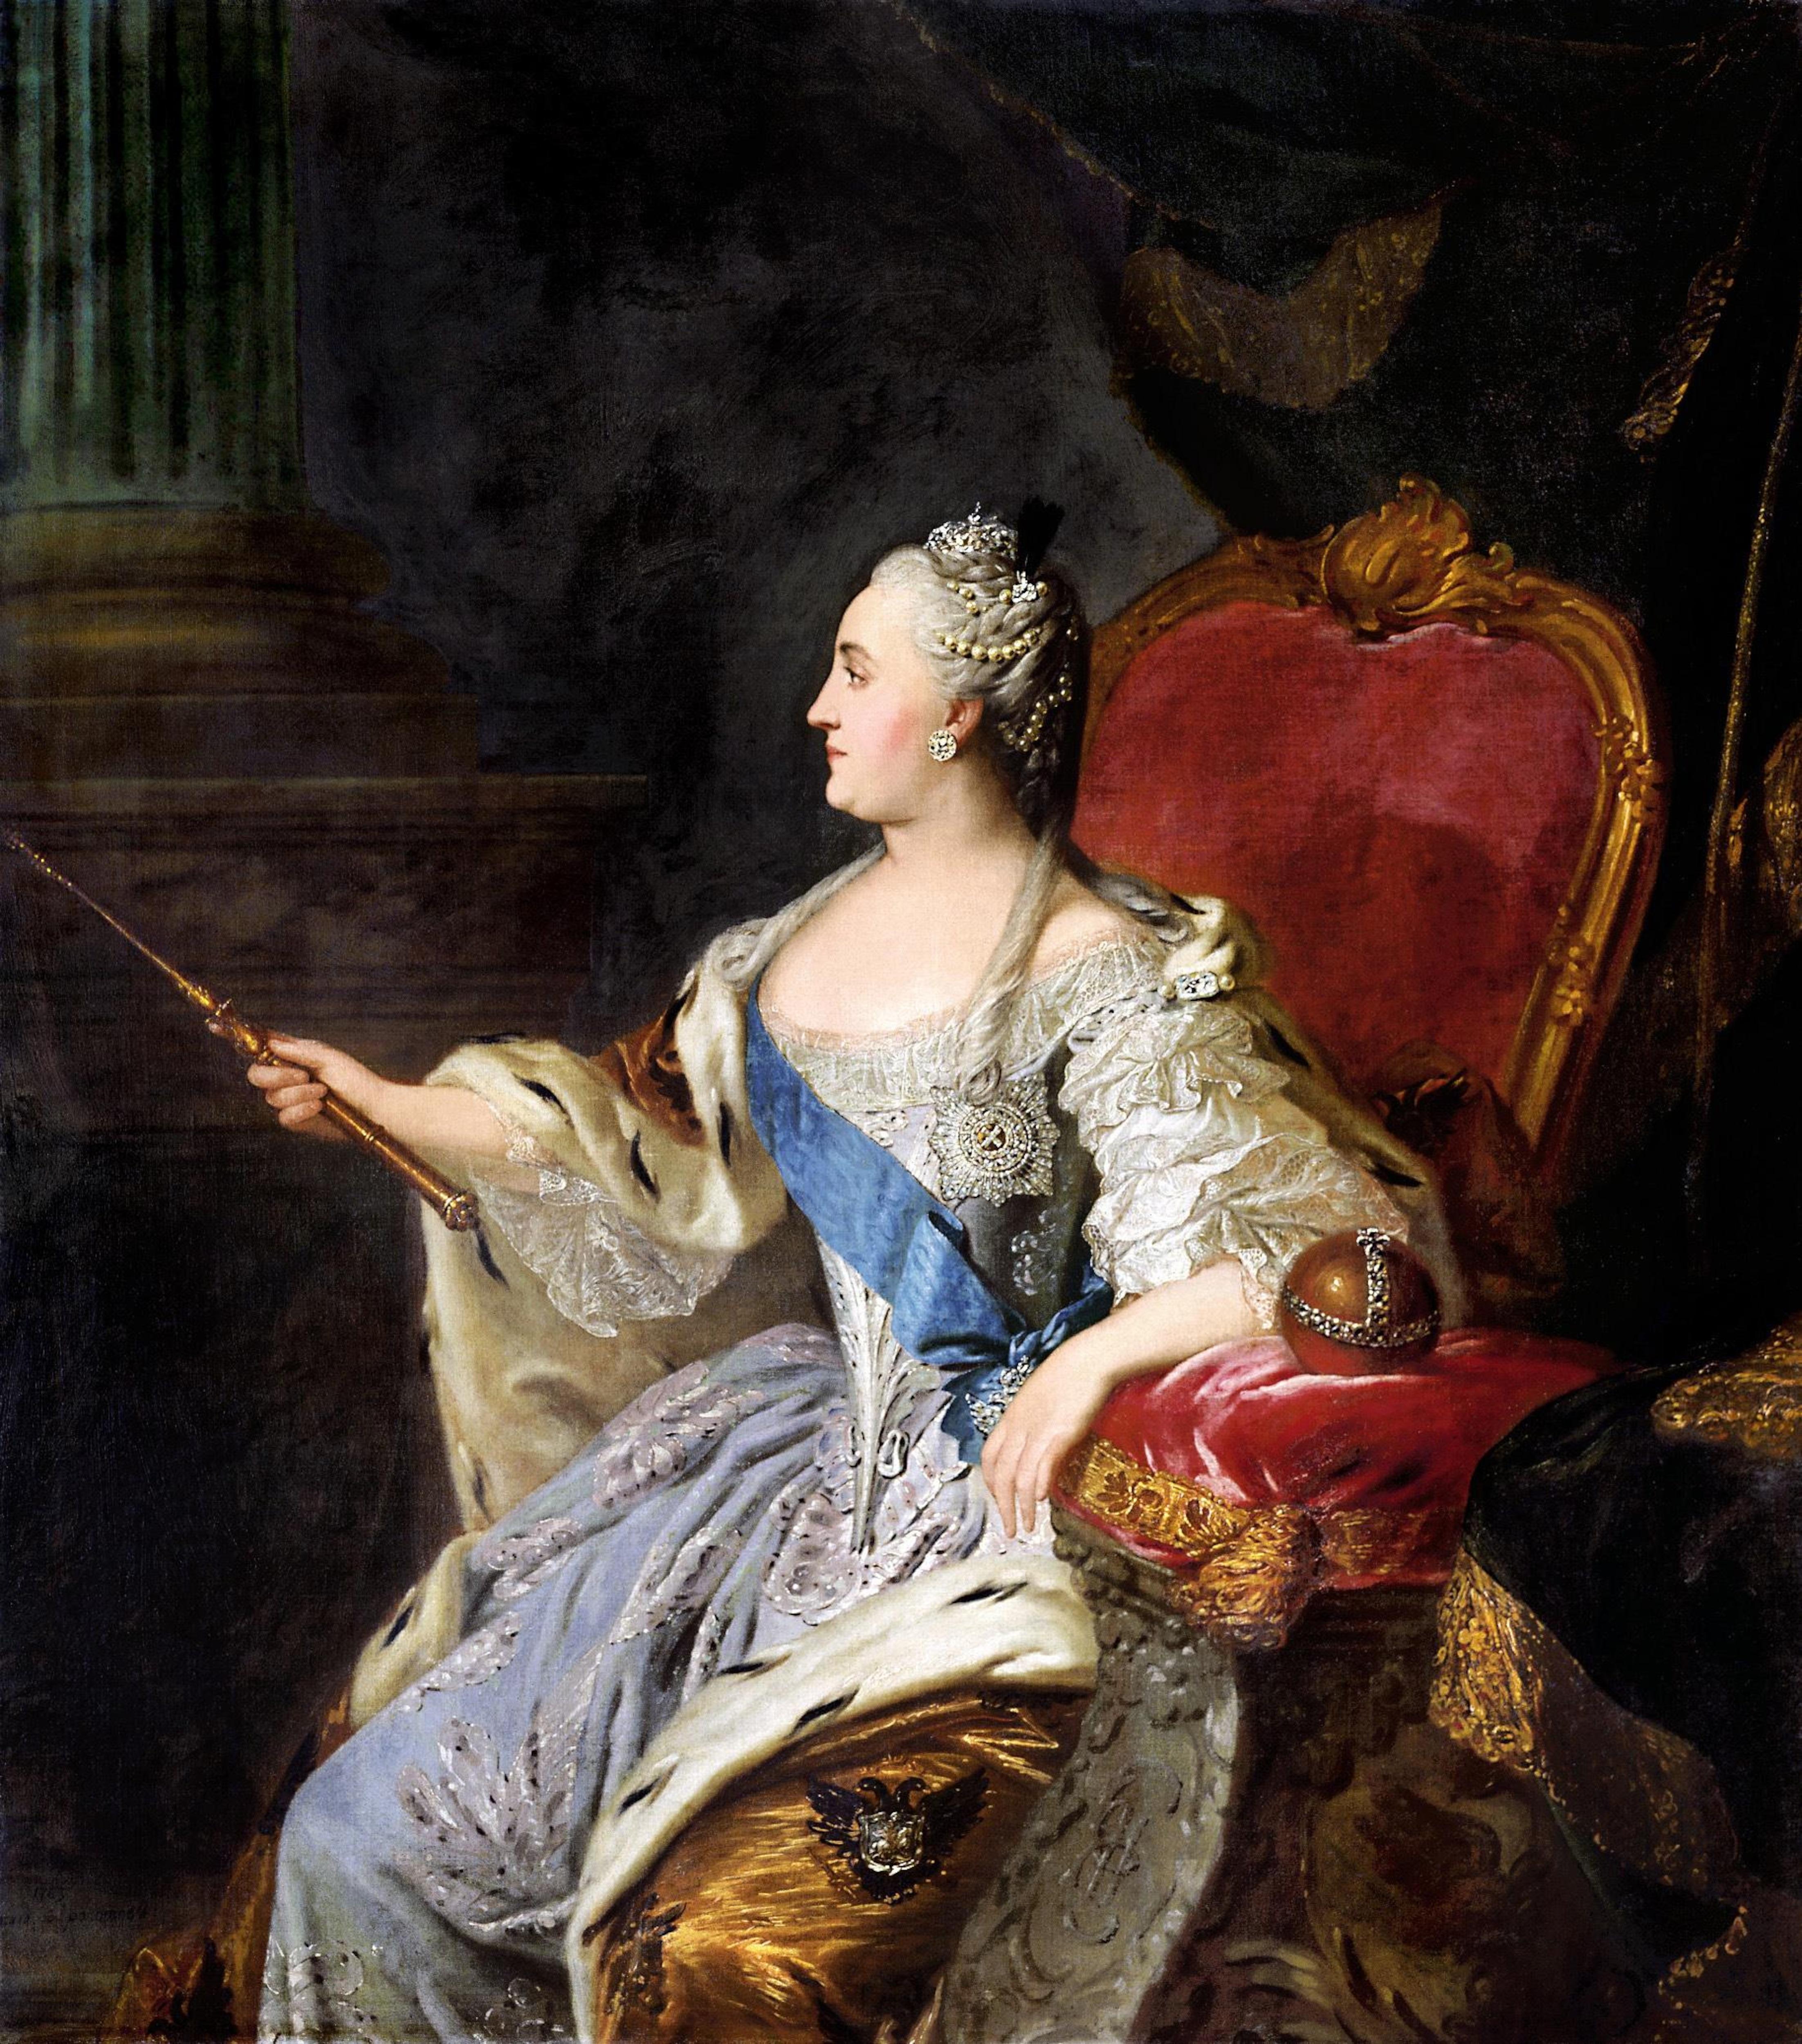 Un portrait représente une femme du 18e siècle tendant un bâton mince en or.